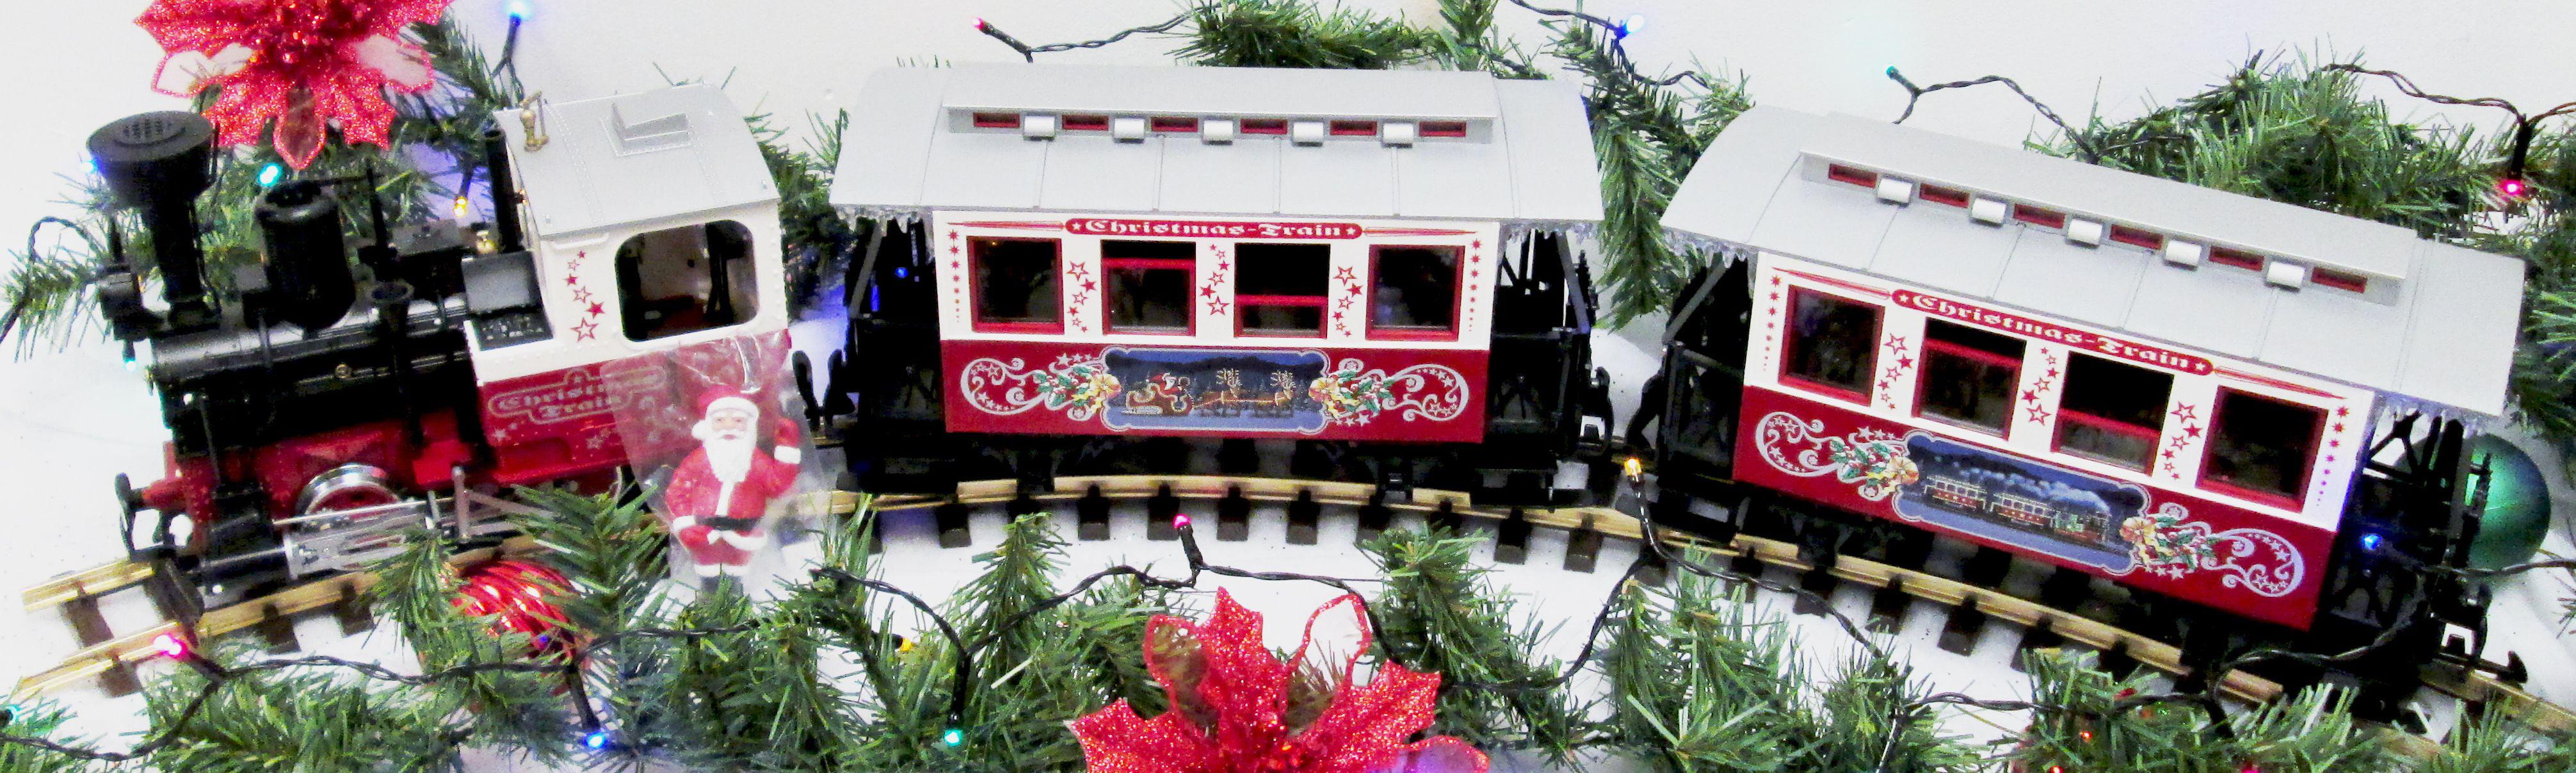 LGB 72304 G Christmas Passenger Train Set by LGB